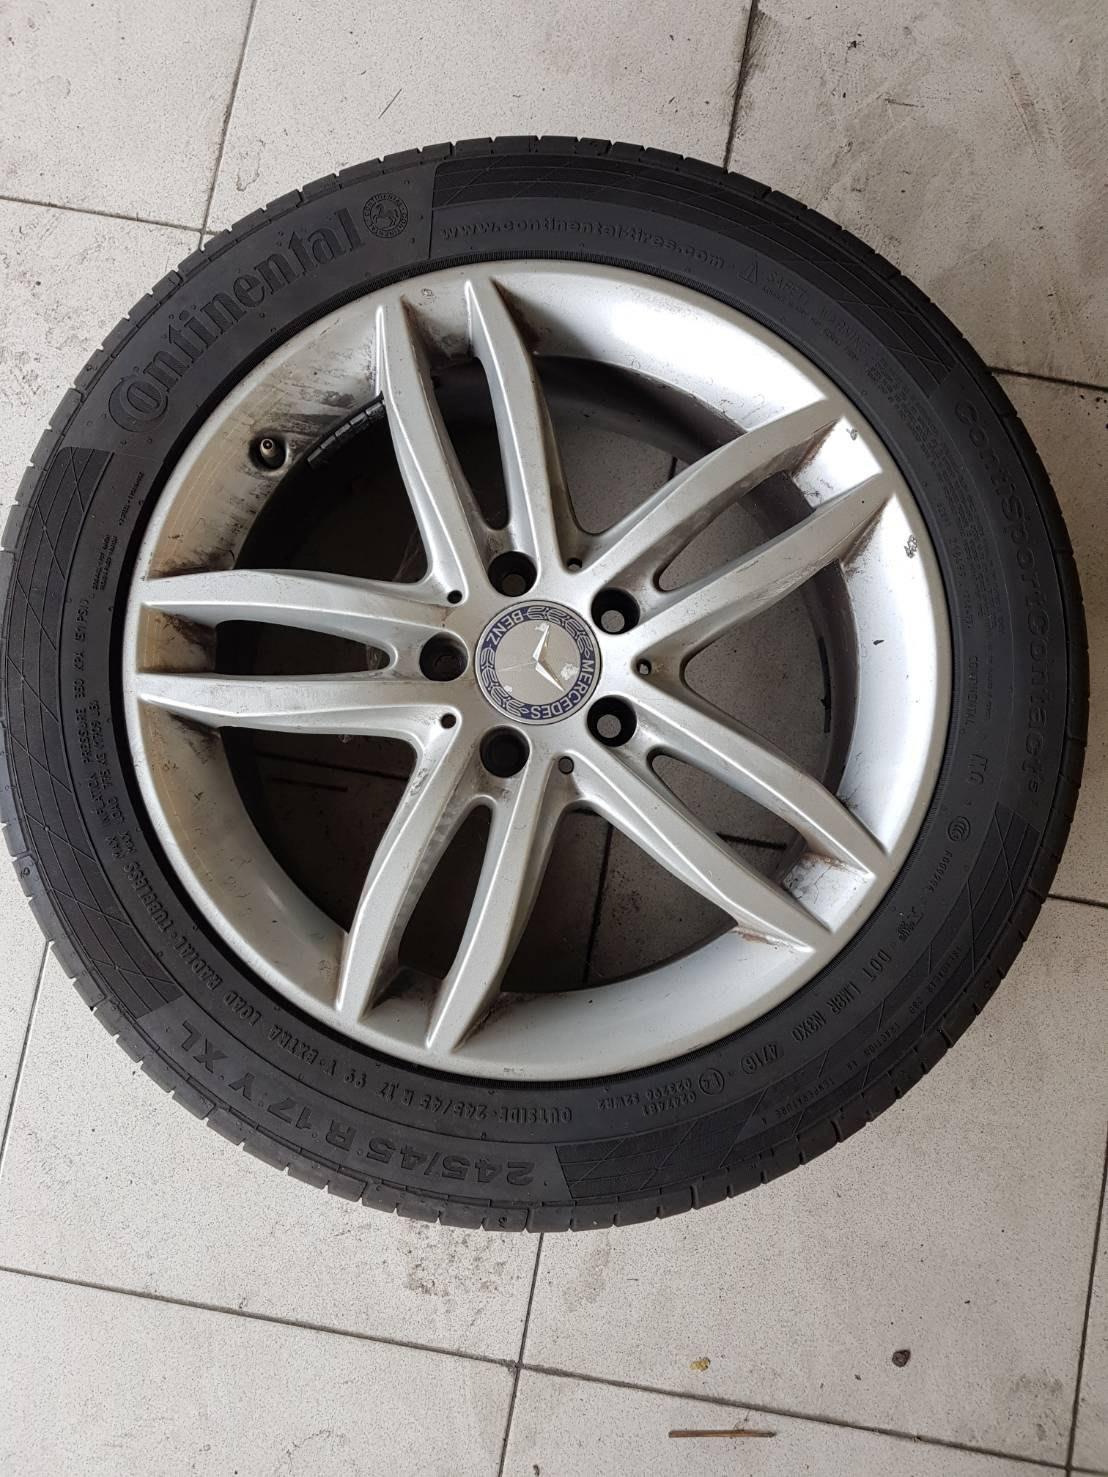 賓士原廠17吋鋁圈含馬牌(七成新)245/45/17輪胎